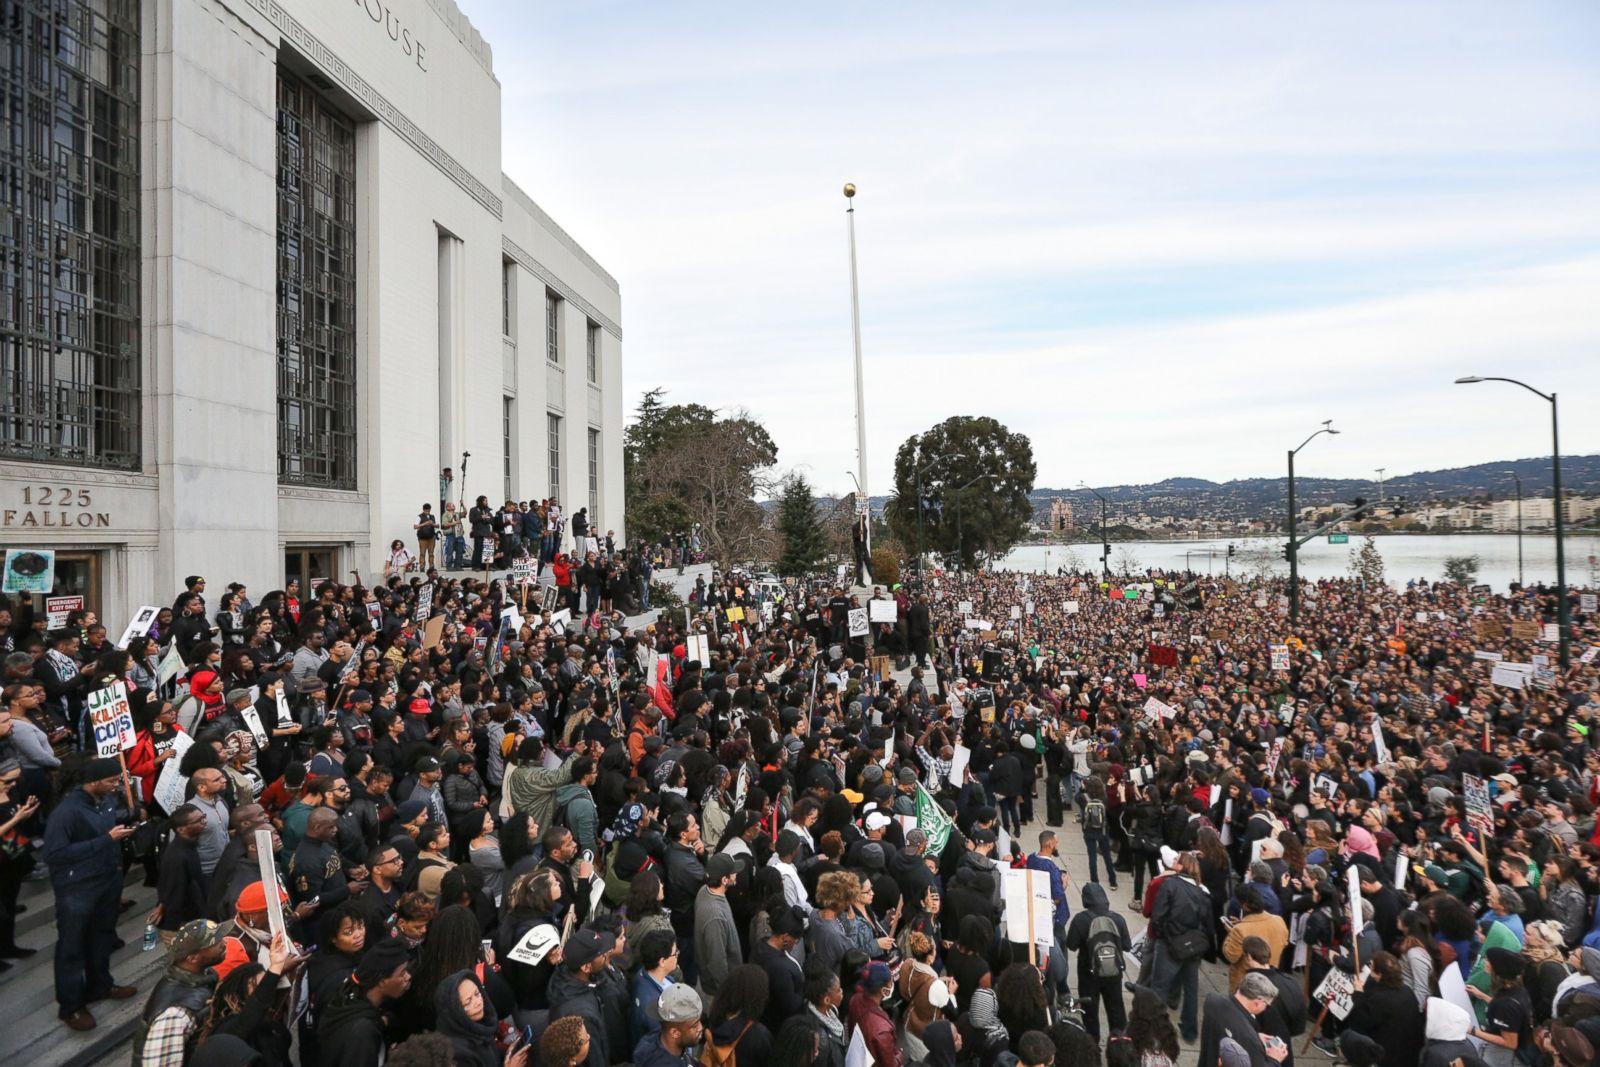 """Manifestantes se congregan en el Palacio de Justicia del Condado de Alameda durante una manifestación de la """"Marcha de los Millones"""" en protesta por el asesinato de hombres afroamericanos desarmados por parte de la policía, el 13 de diciembre de 2014, en Oakland, California. La marcha fue una de las muchas celebradas en todo el país. Fotografía: Elijah Nouvelage/Getty Images"""